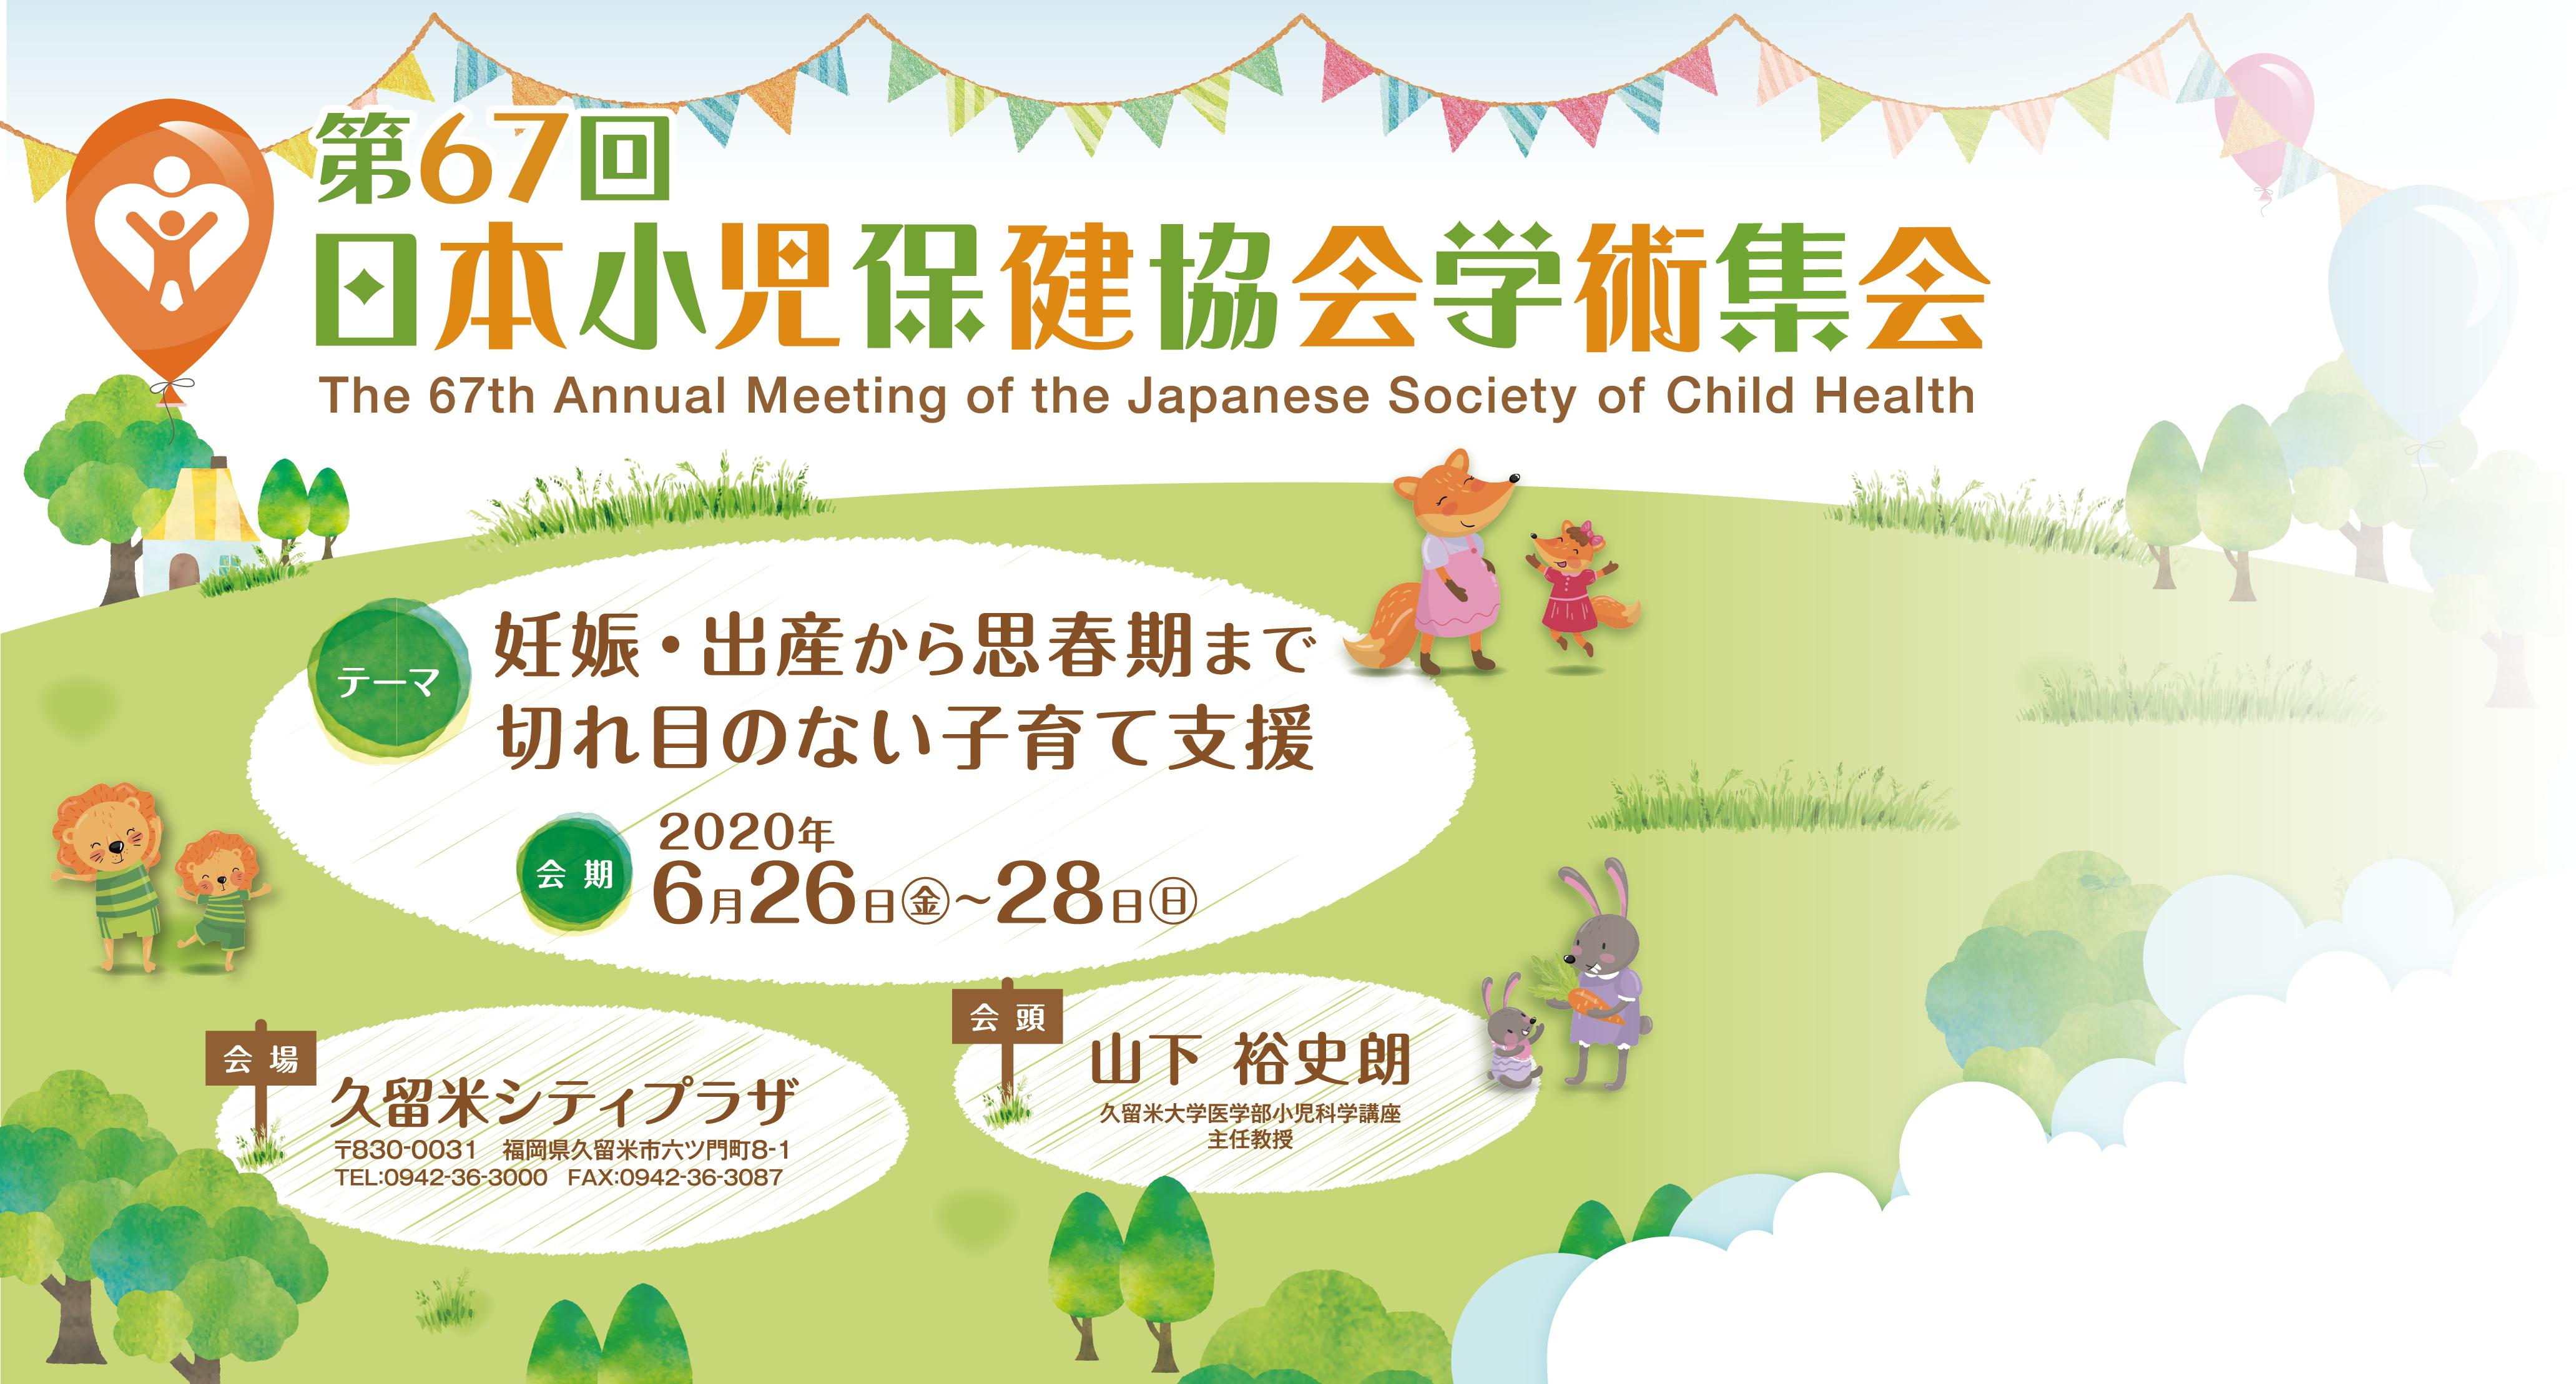 日本小児保健協会学術集会